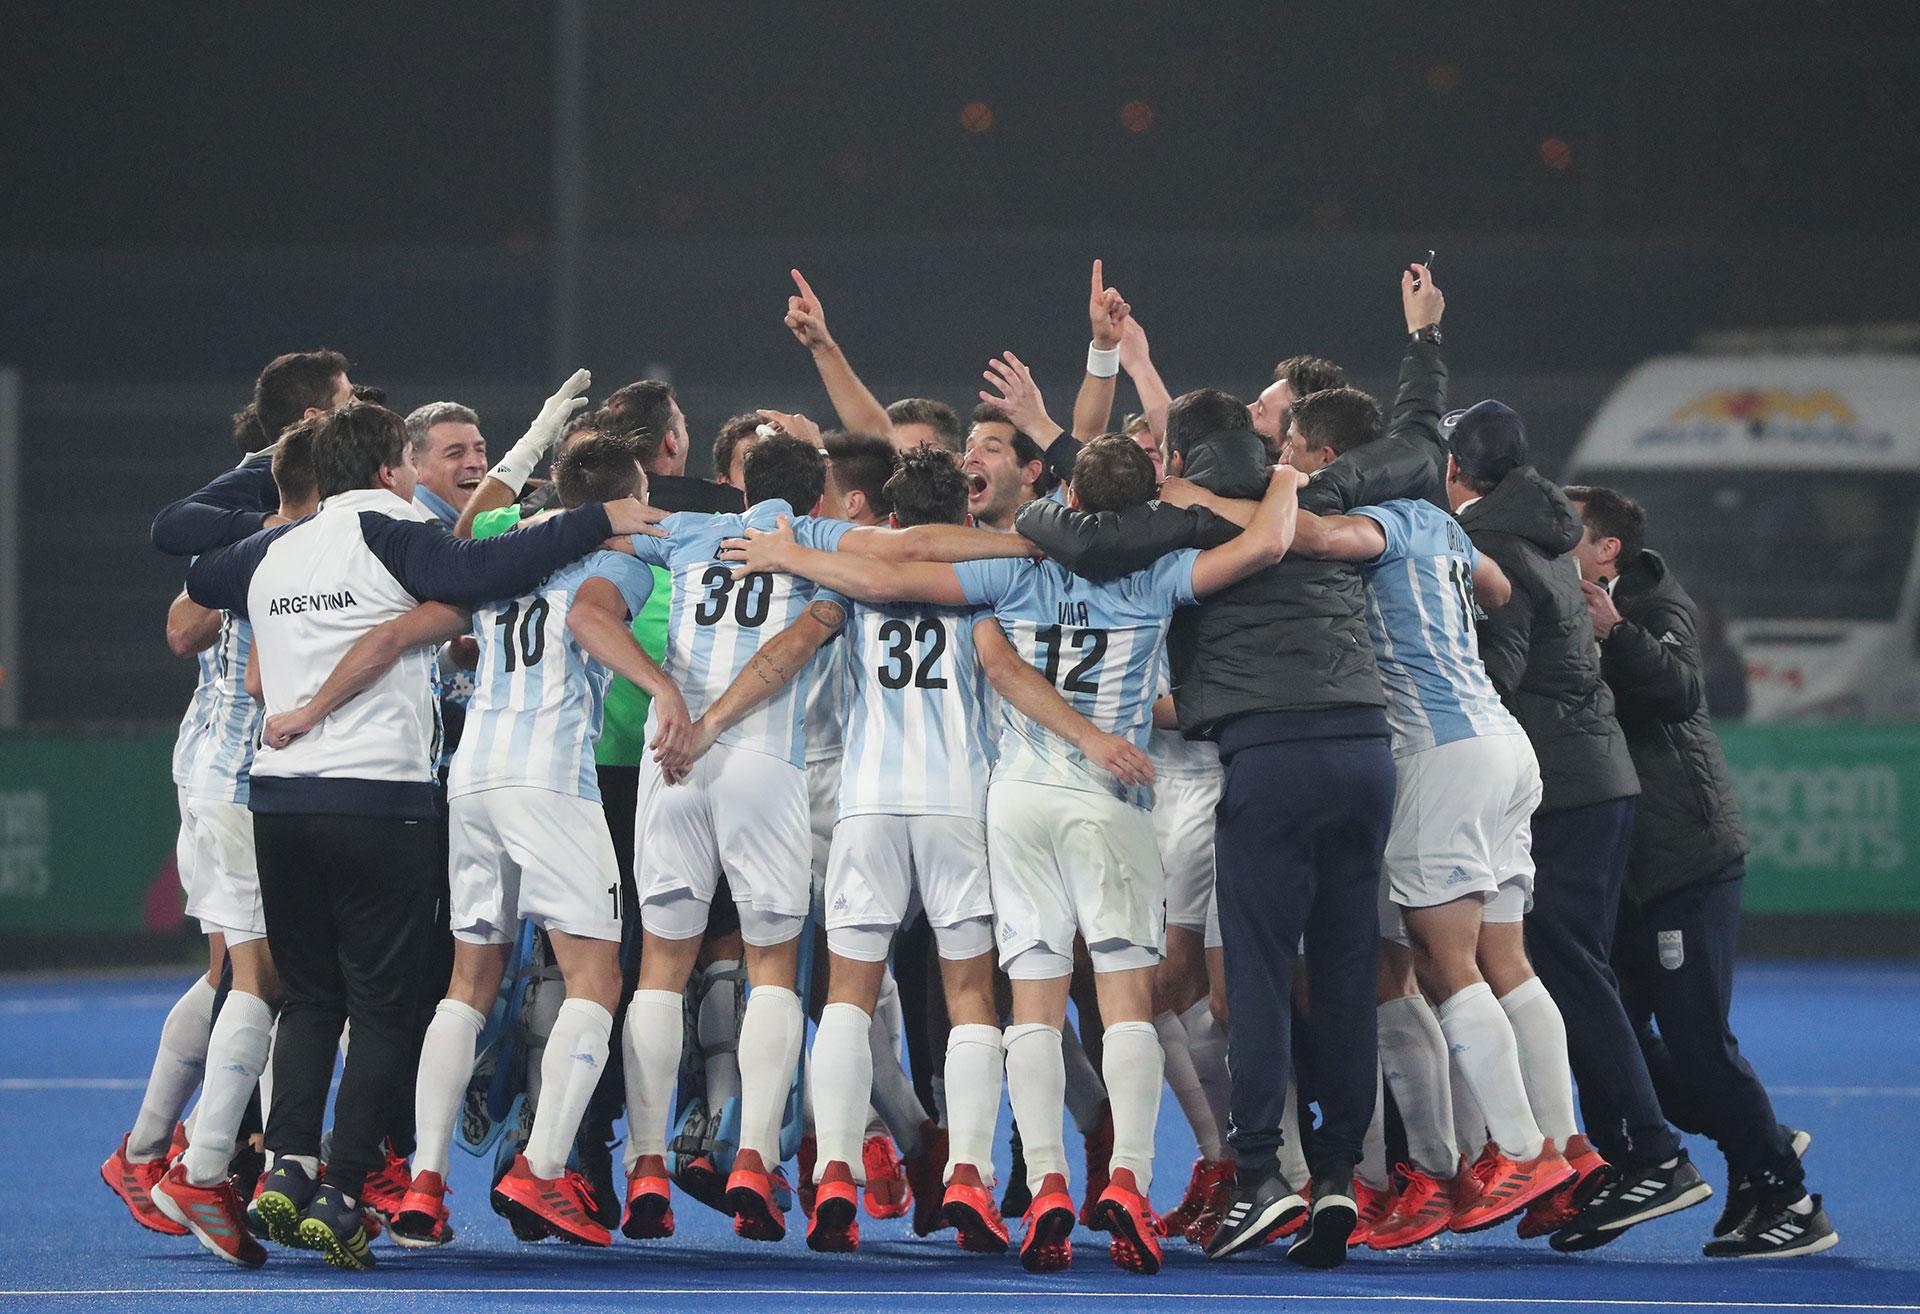 Los Leones, la selección masculina de hockey sobre césped de Argentina, festeja su medalla dorada